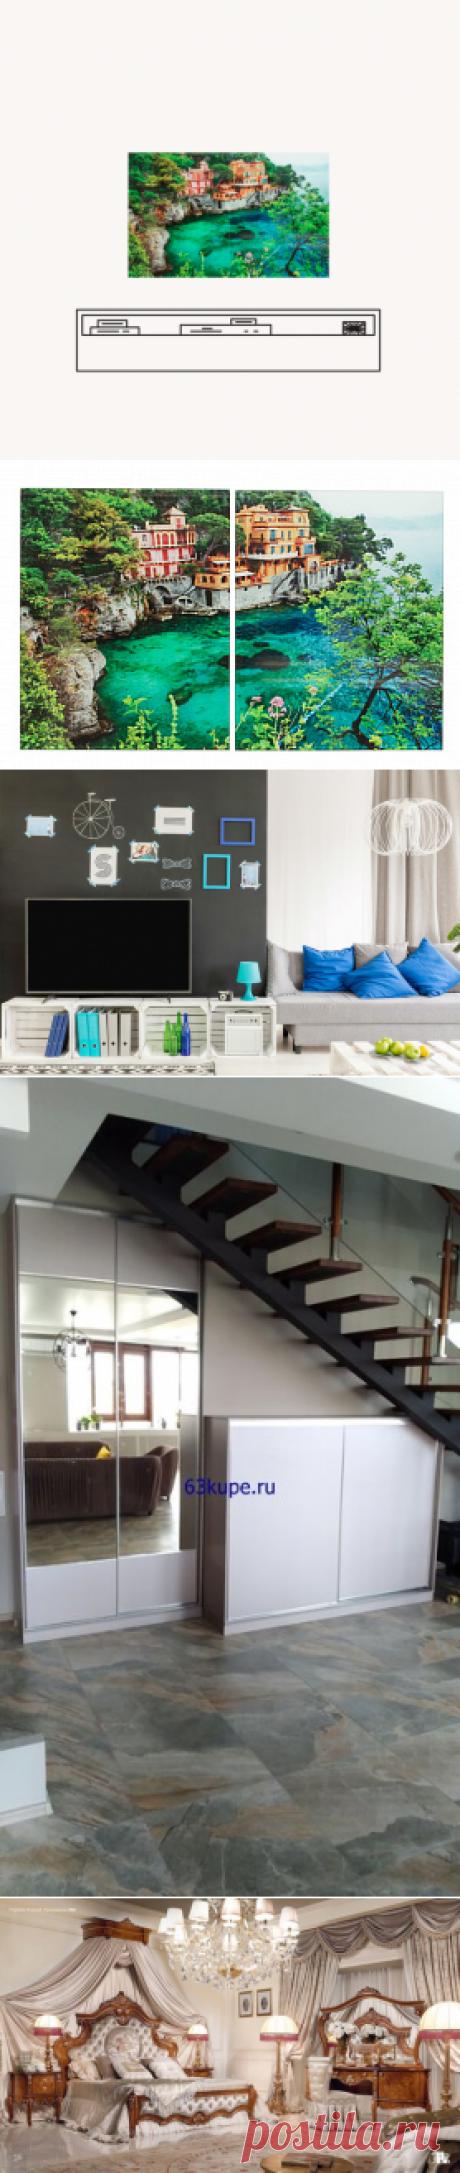 Спальня без телевизора | flqu.ru - квартирный вопрос. Блог о дизайне, ремонте